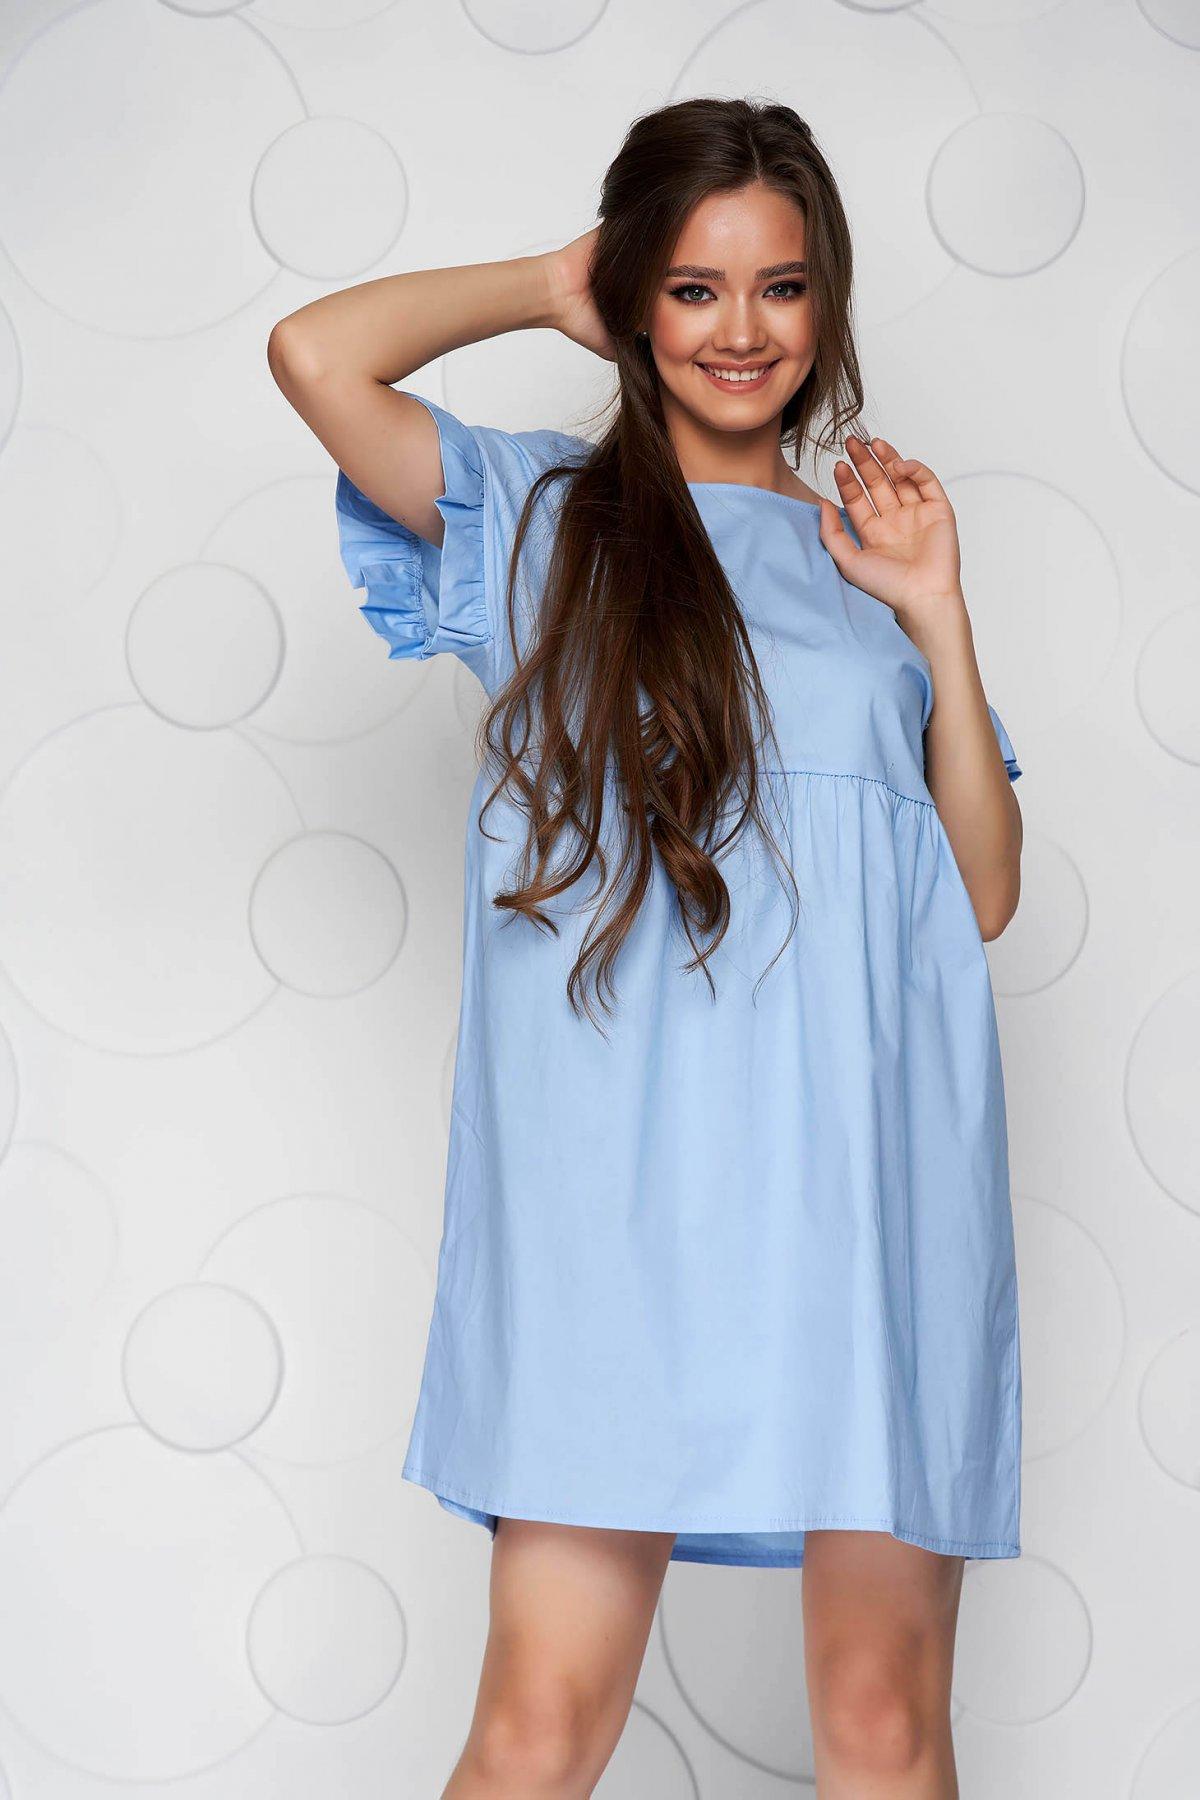 Rochie albastru-deschis din poplin cu croi larg cu volanase - medelin.ro